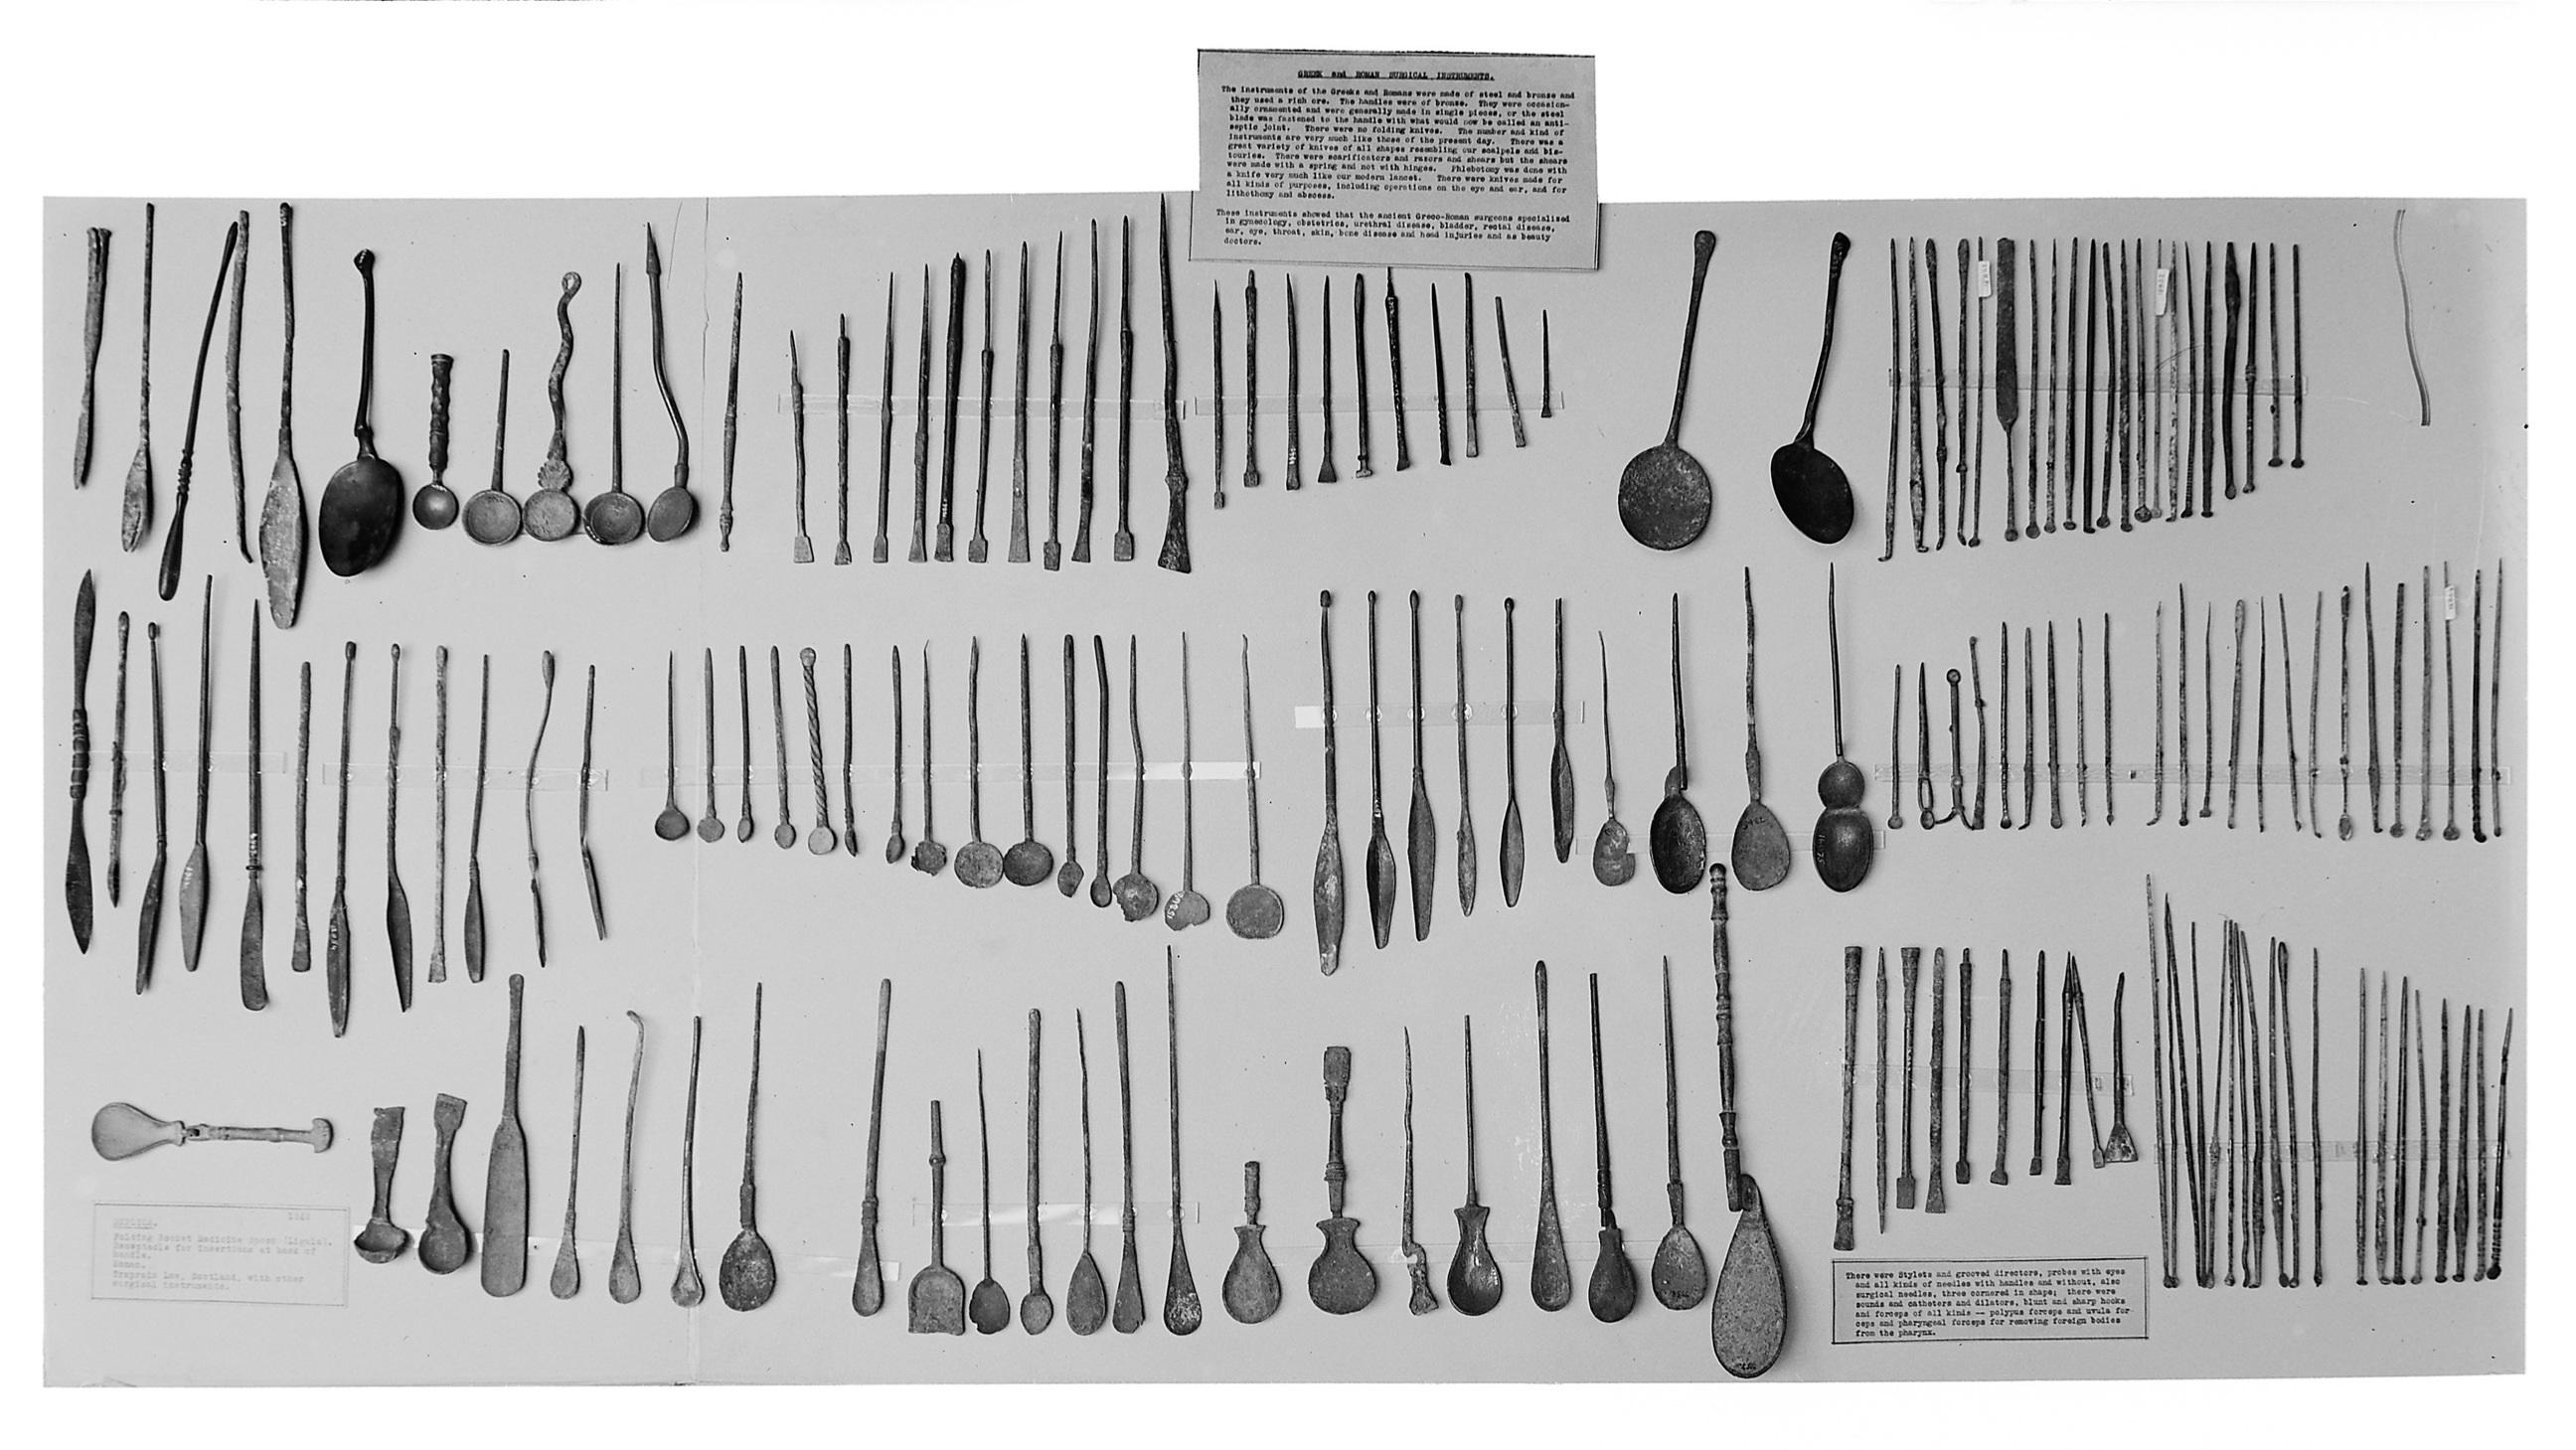 фото хирургические инструменты